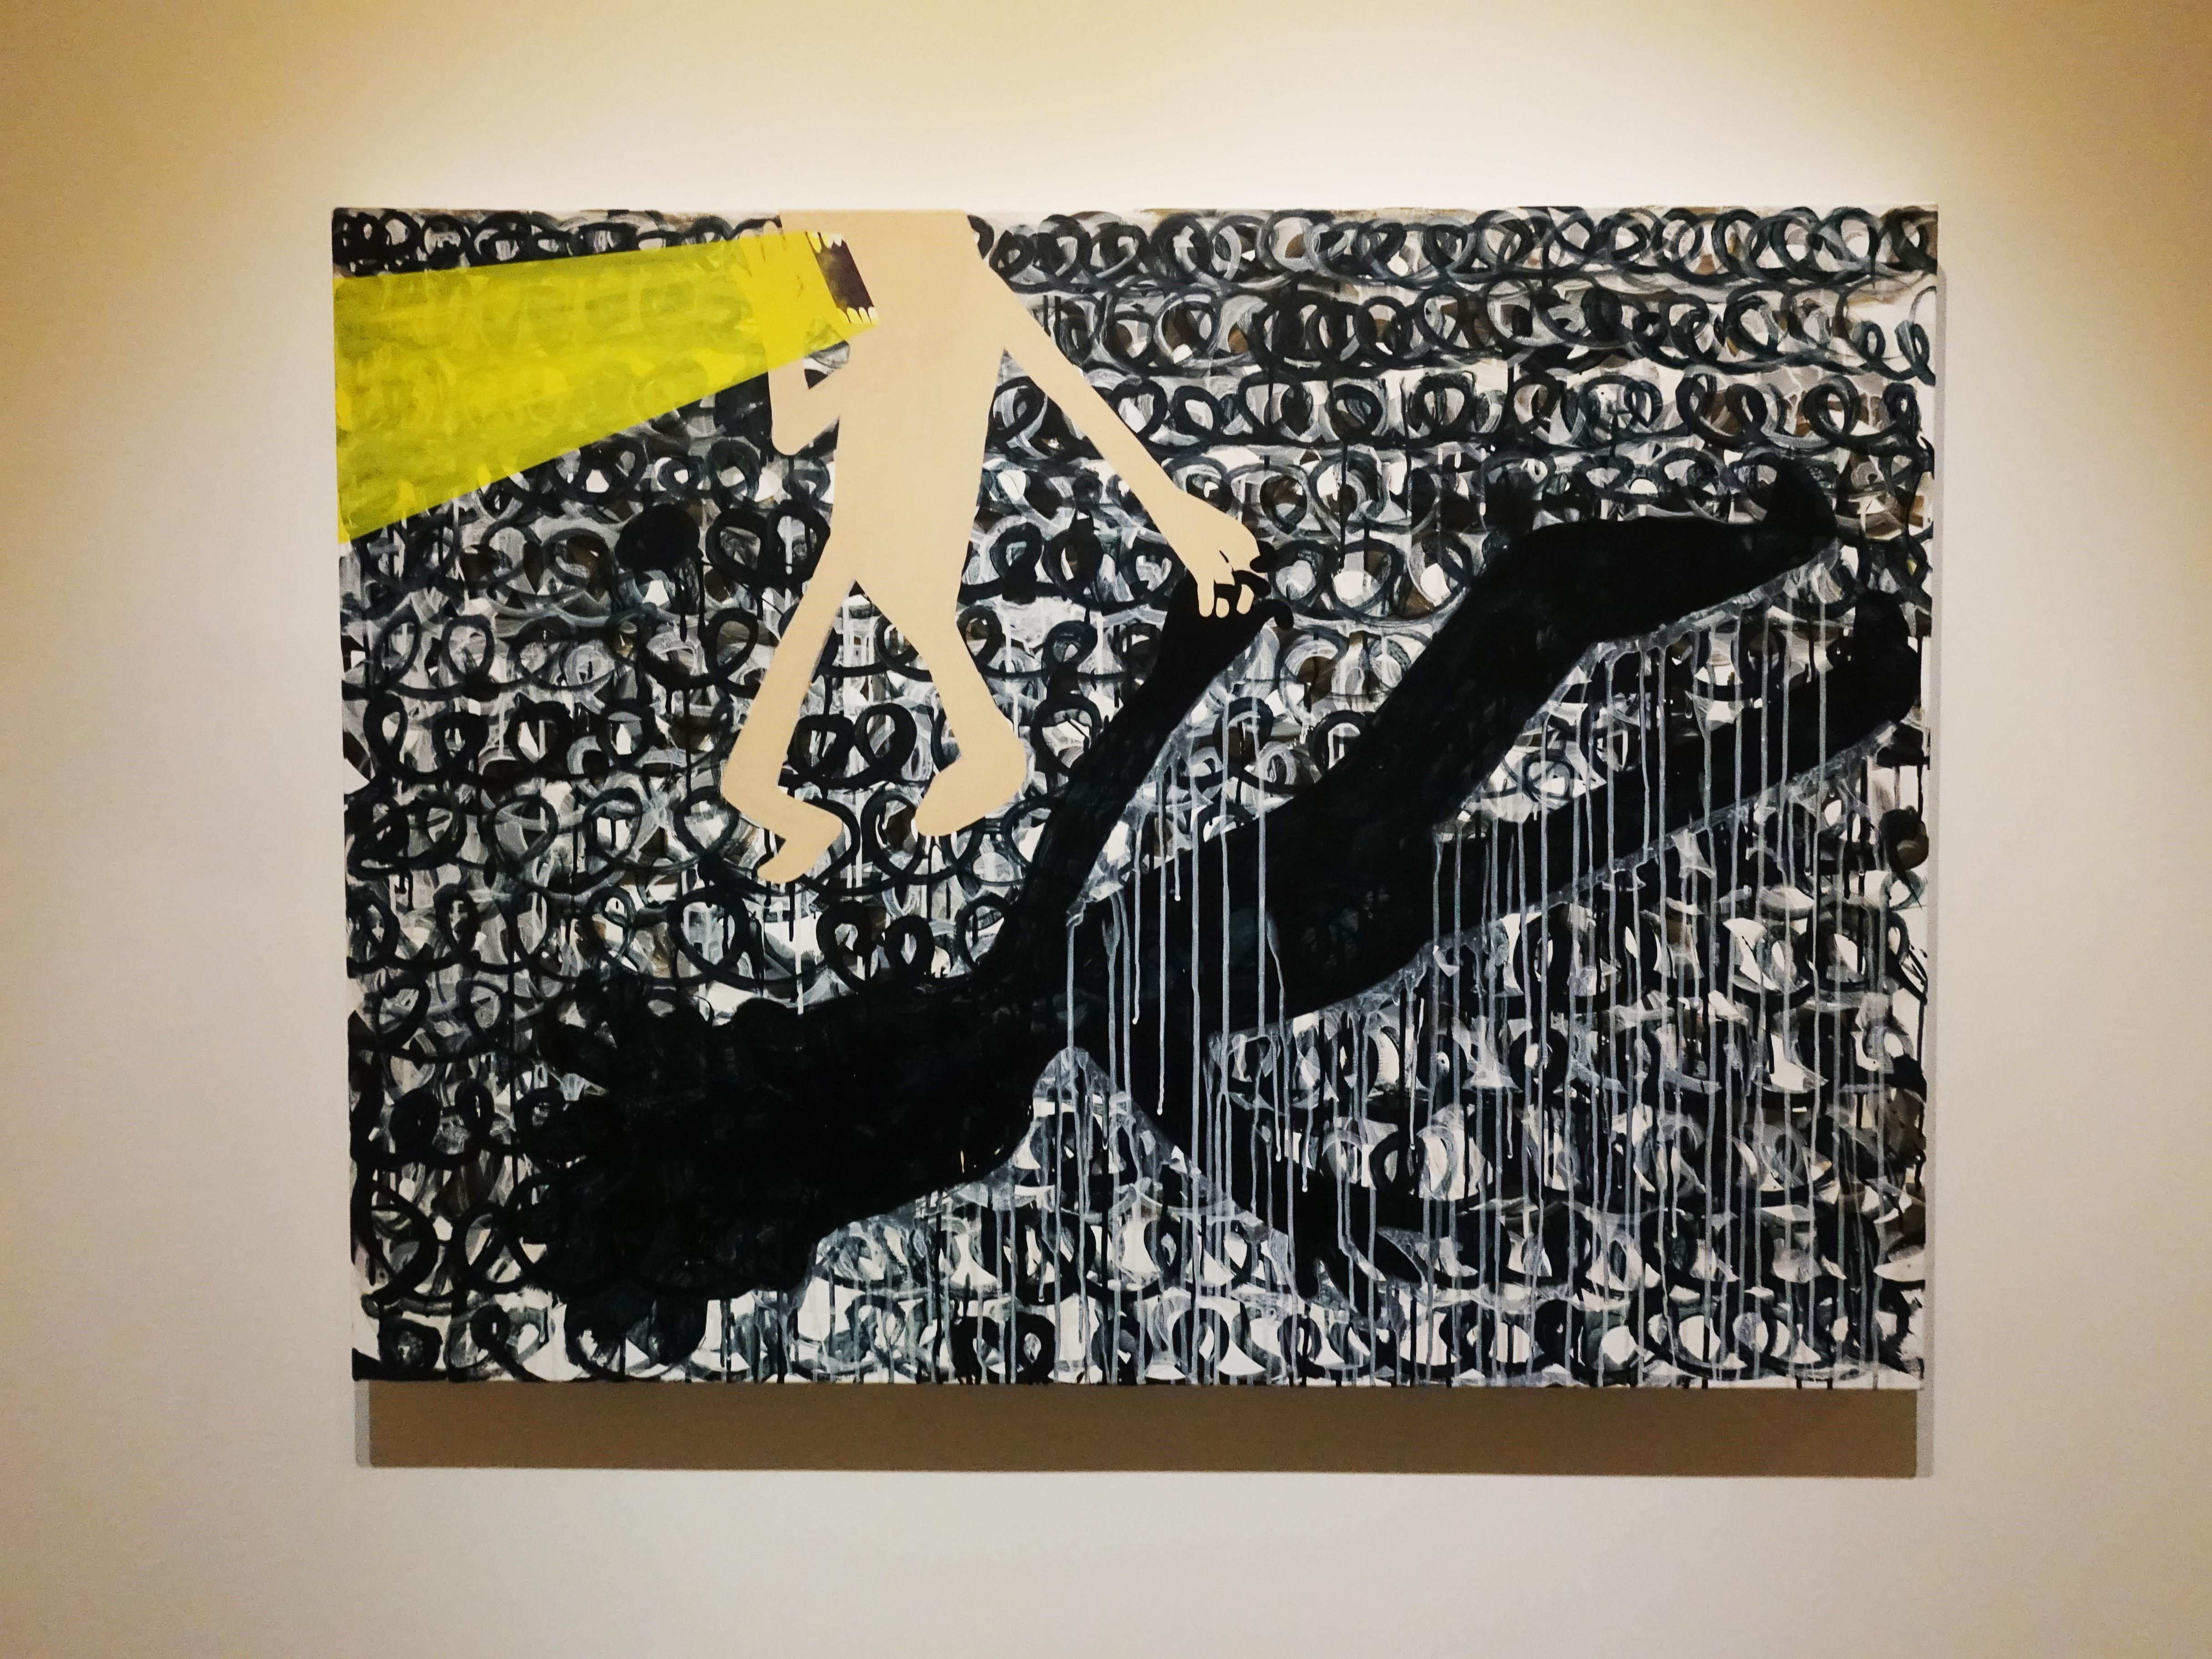 蕭筑方,《車頭燈的吶喊》,97 x 130 cm,壓克力顏料、畫布,2019。